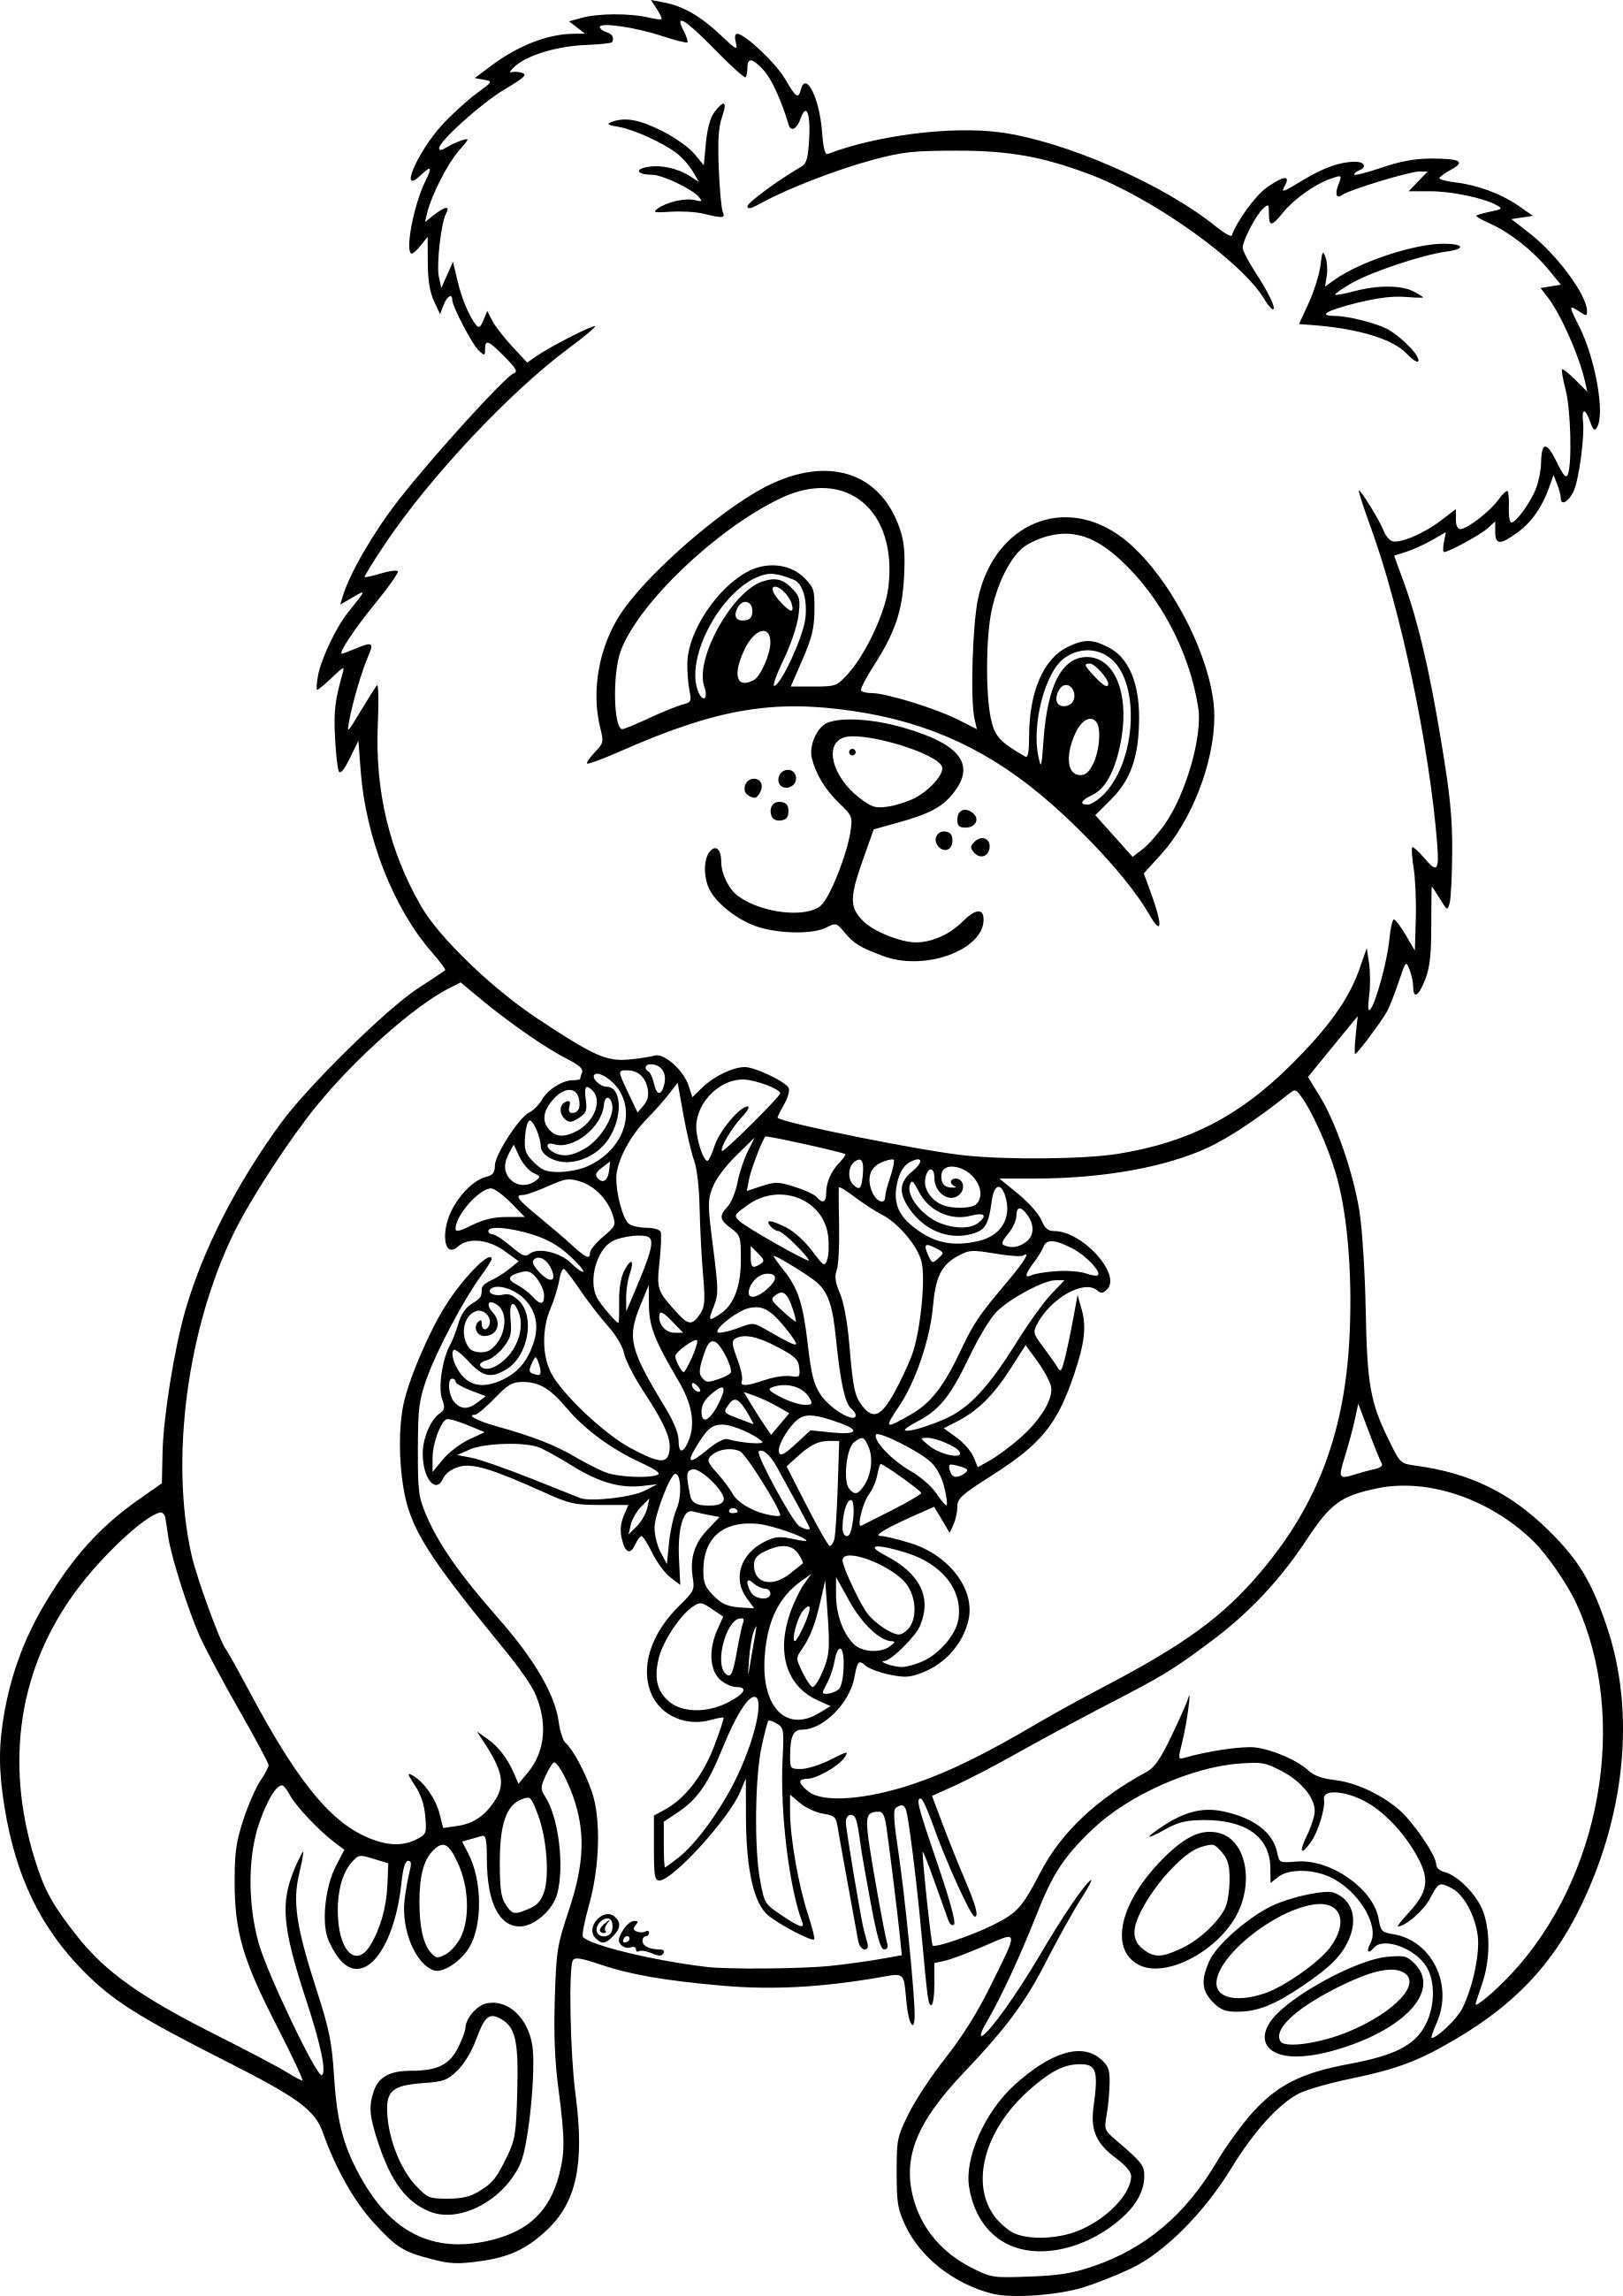 Coloriages A Imprimer Panda Numero 4090a6aa